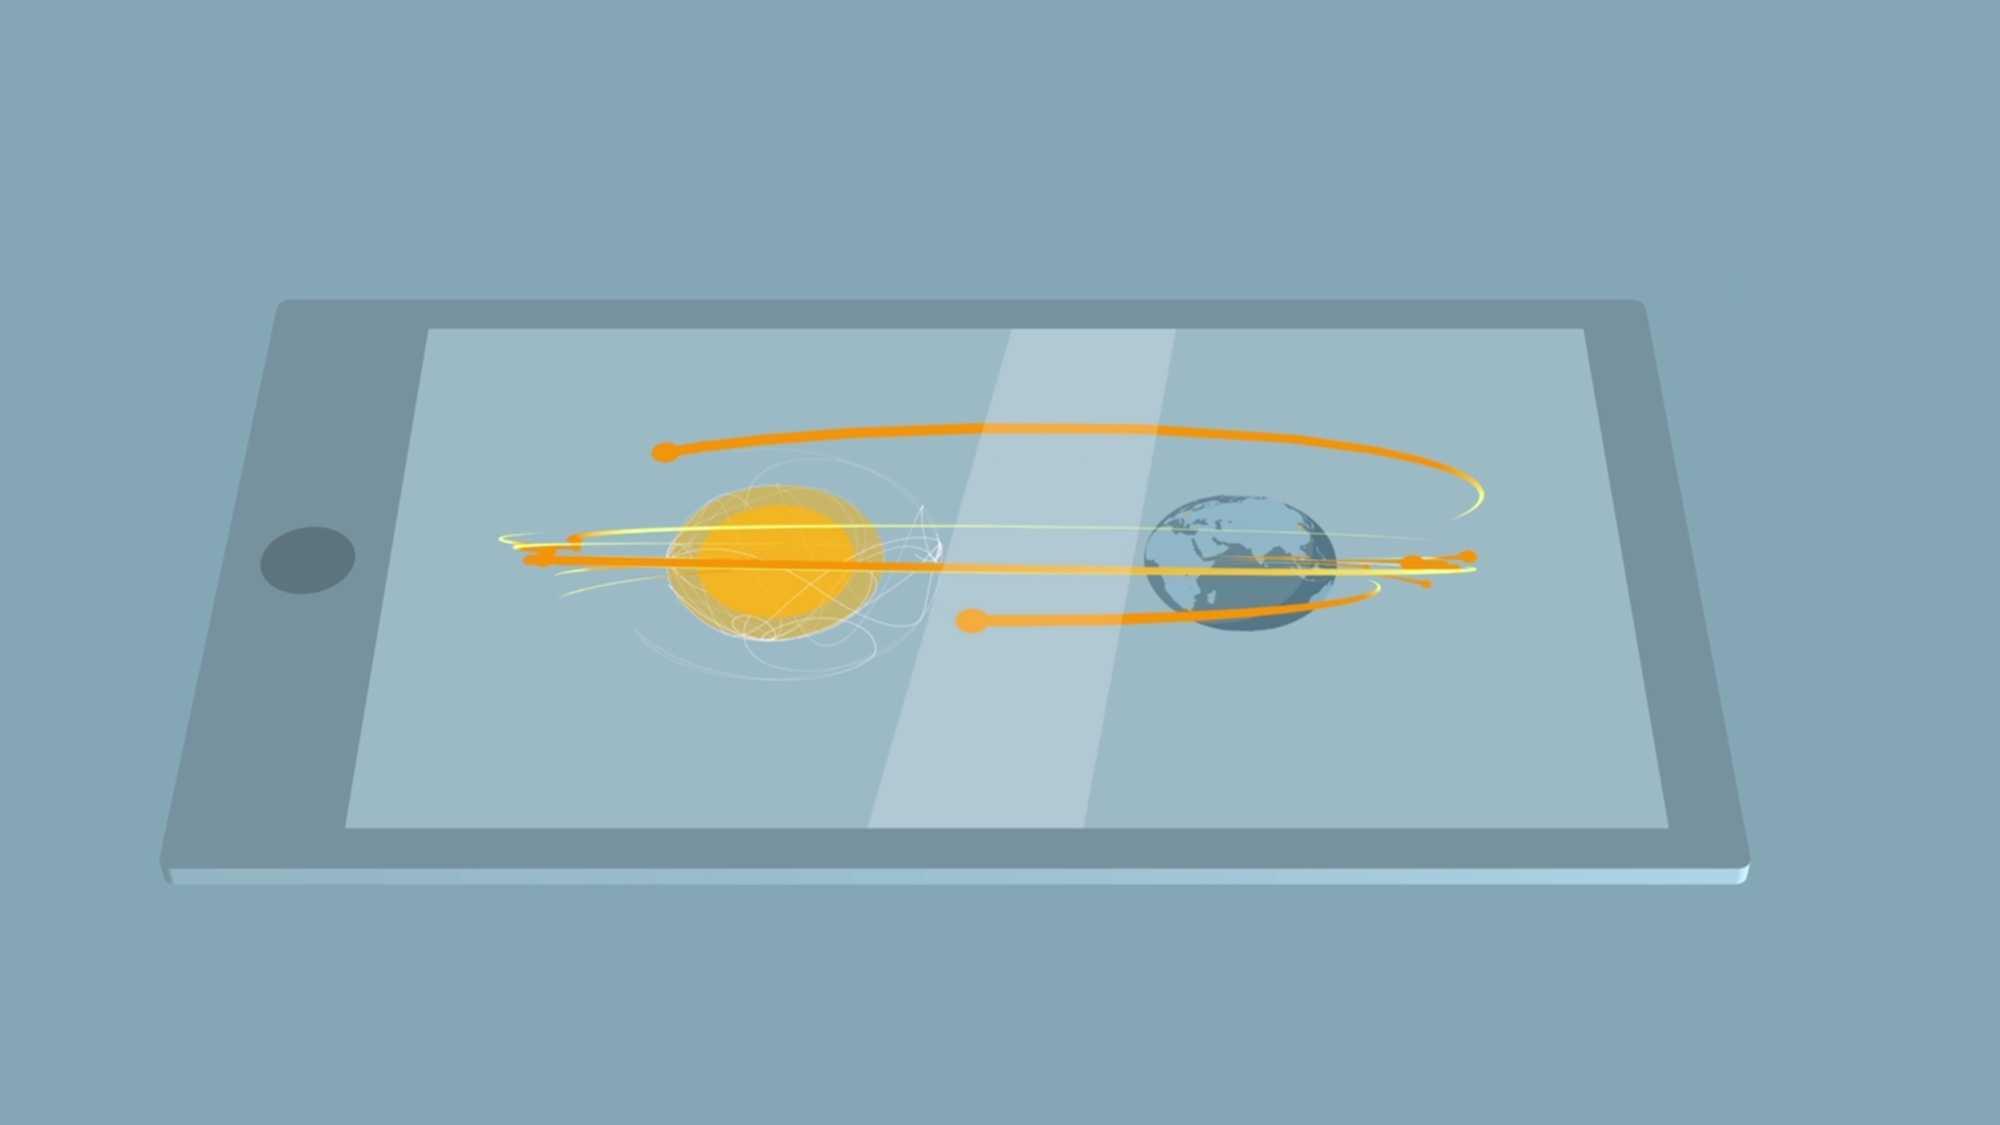 """Das Bild zeigt eine Animation eines Tablets. Dieses liegt auf einem blauen Hintergrund. Auf dem Bildschirm des Tablets sieht man eine Sonne, die auf der linken Seite steht und eine Erdkugel, die auf der rechten Seite steht. Das Ganze wird durch gelbe Linien umrahmt. Das Bild dient als Sliderbild für den Portfolioeintrag """"Global Aerospace Campus Erklärfilm"""" von Panda Pictures."""